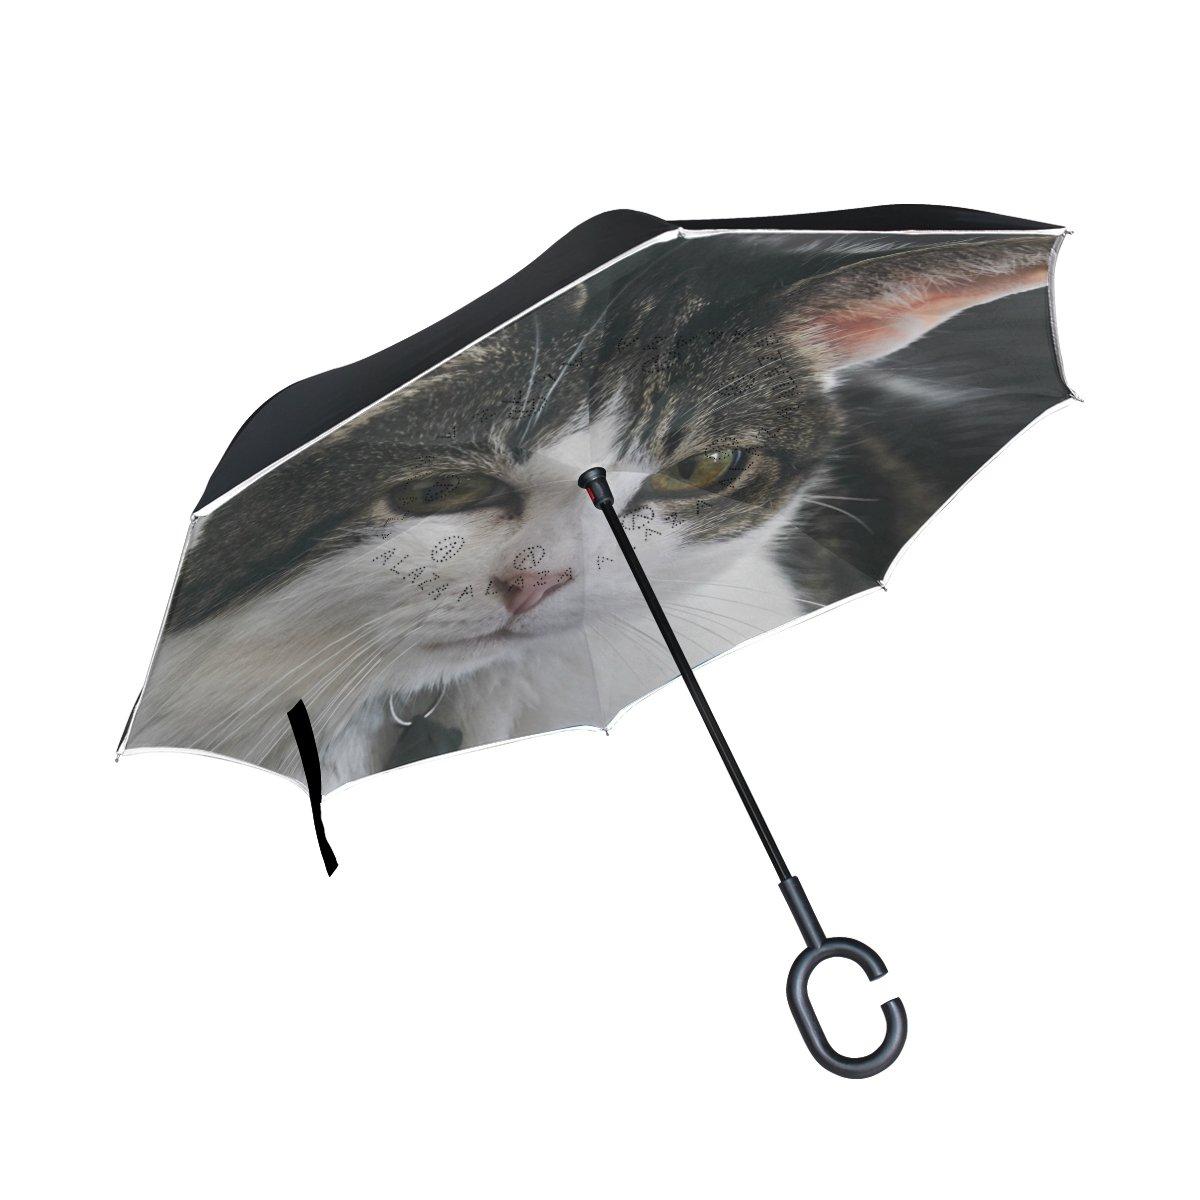 ISAOA Paraguas grande invertido paraguas resistente al viento doble capa construcción reversible plegable paraguas para coche lluvia uso al aire libre, ...